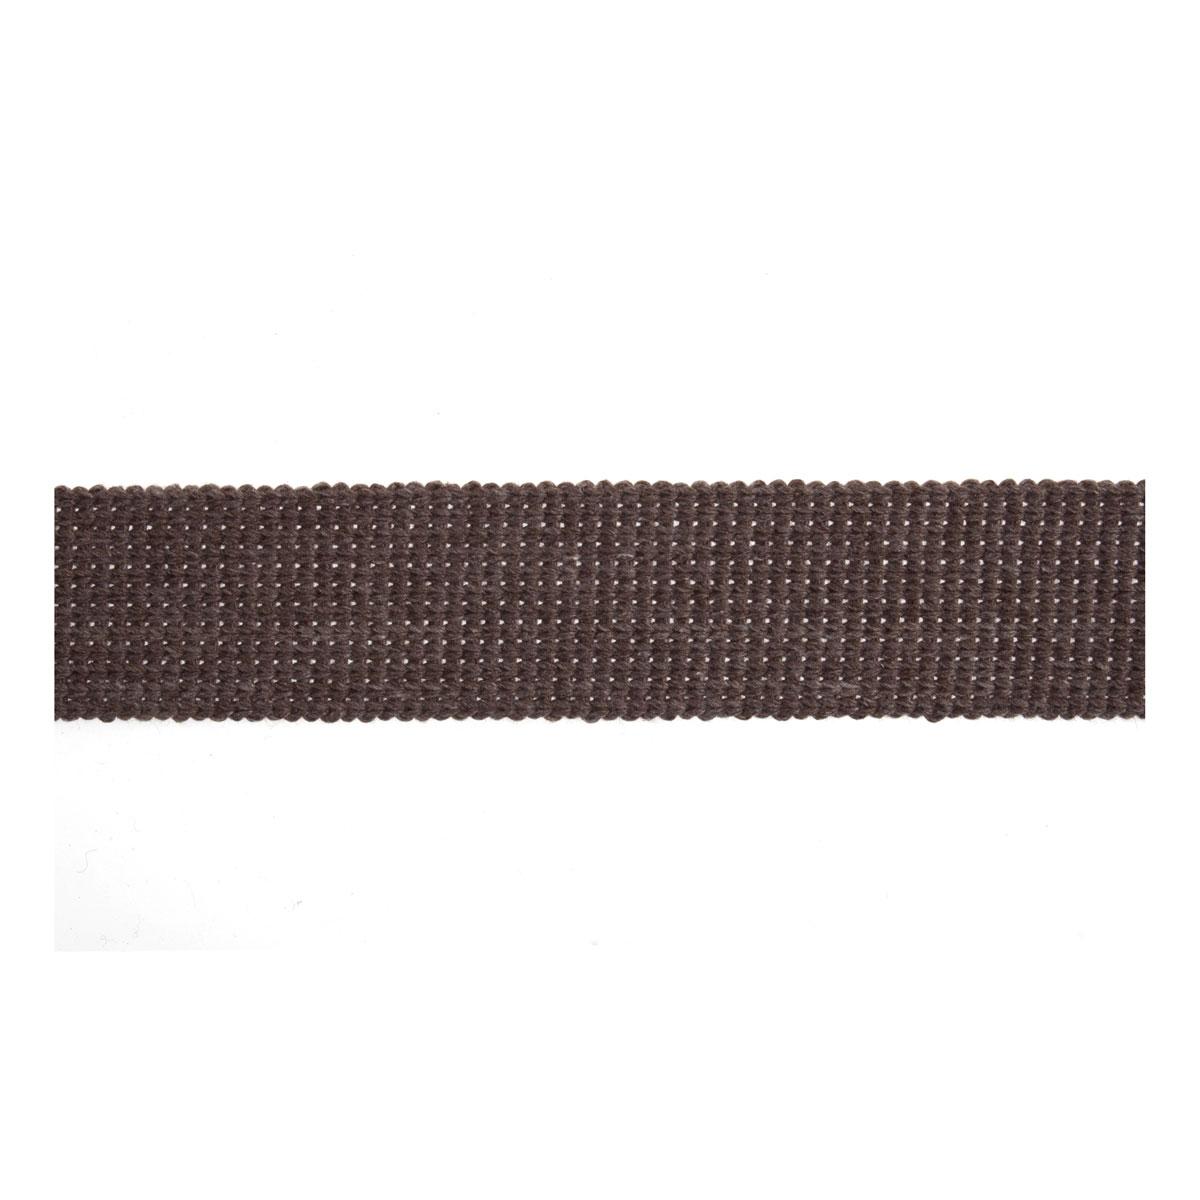 Acrylic-Cotton-Webbing-15m-x-30mm-ET618